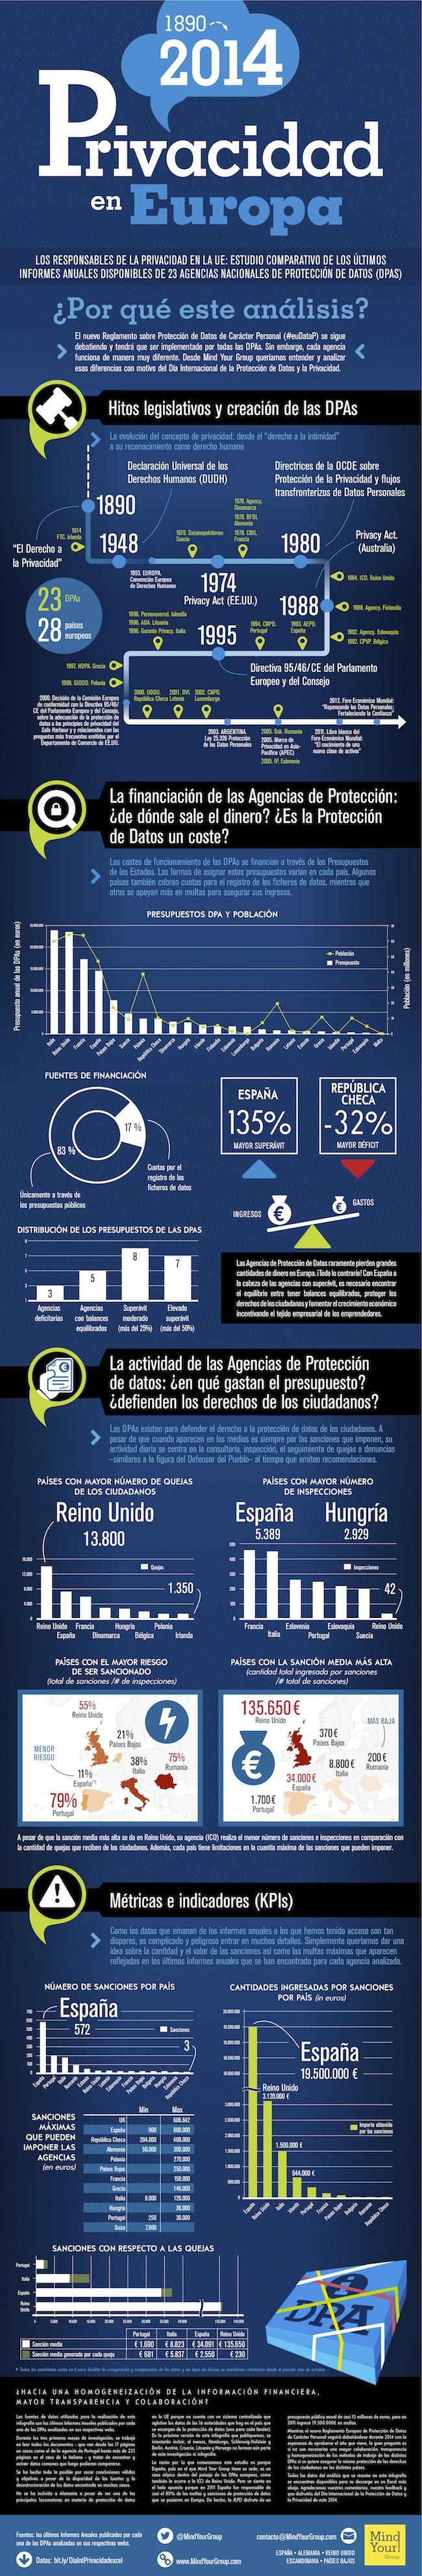 Infografía Agencias de Protección de Datos